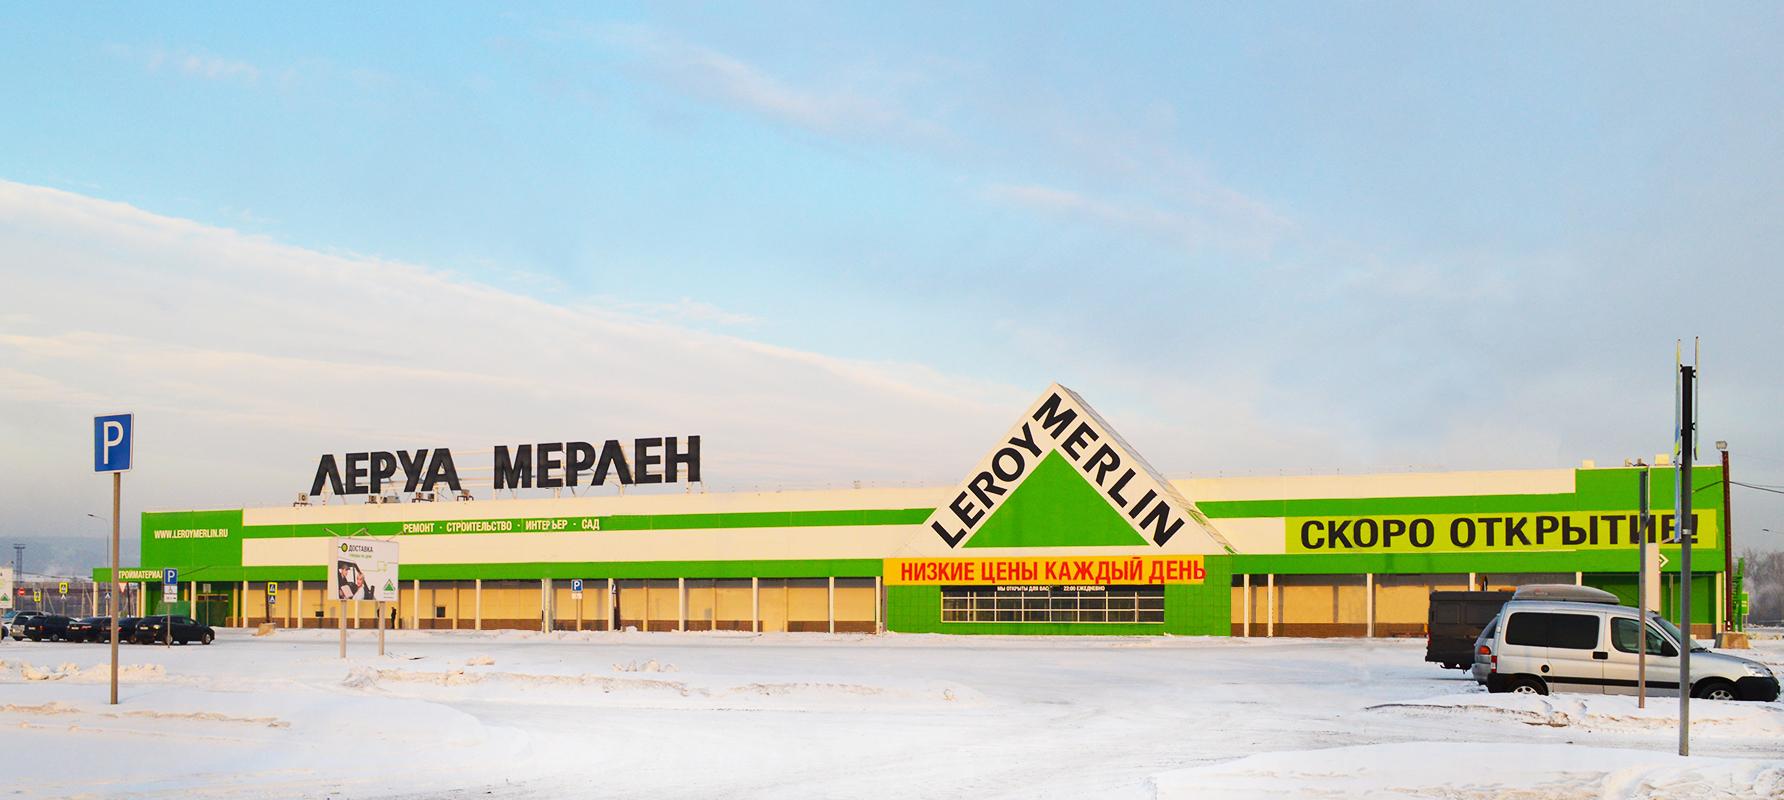 Пермский «Леруа Мерлен» откроется позже